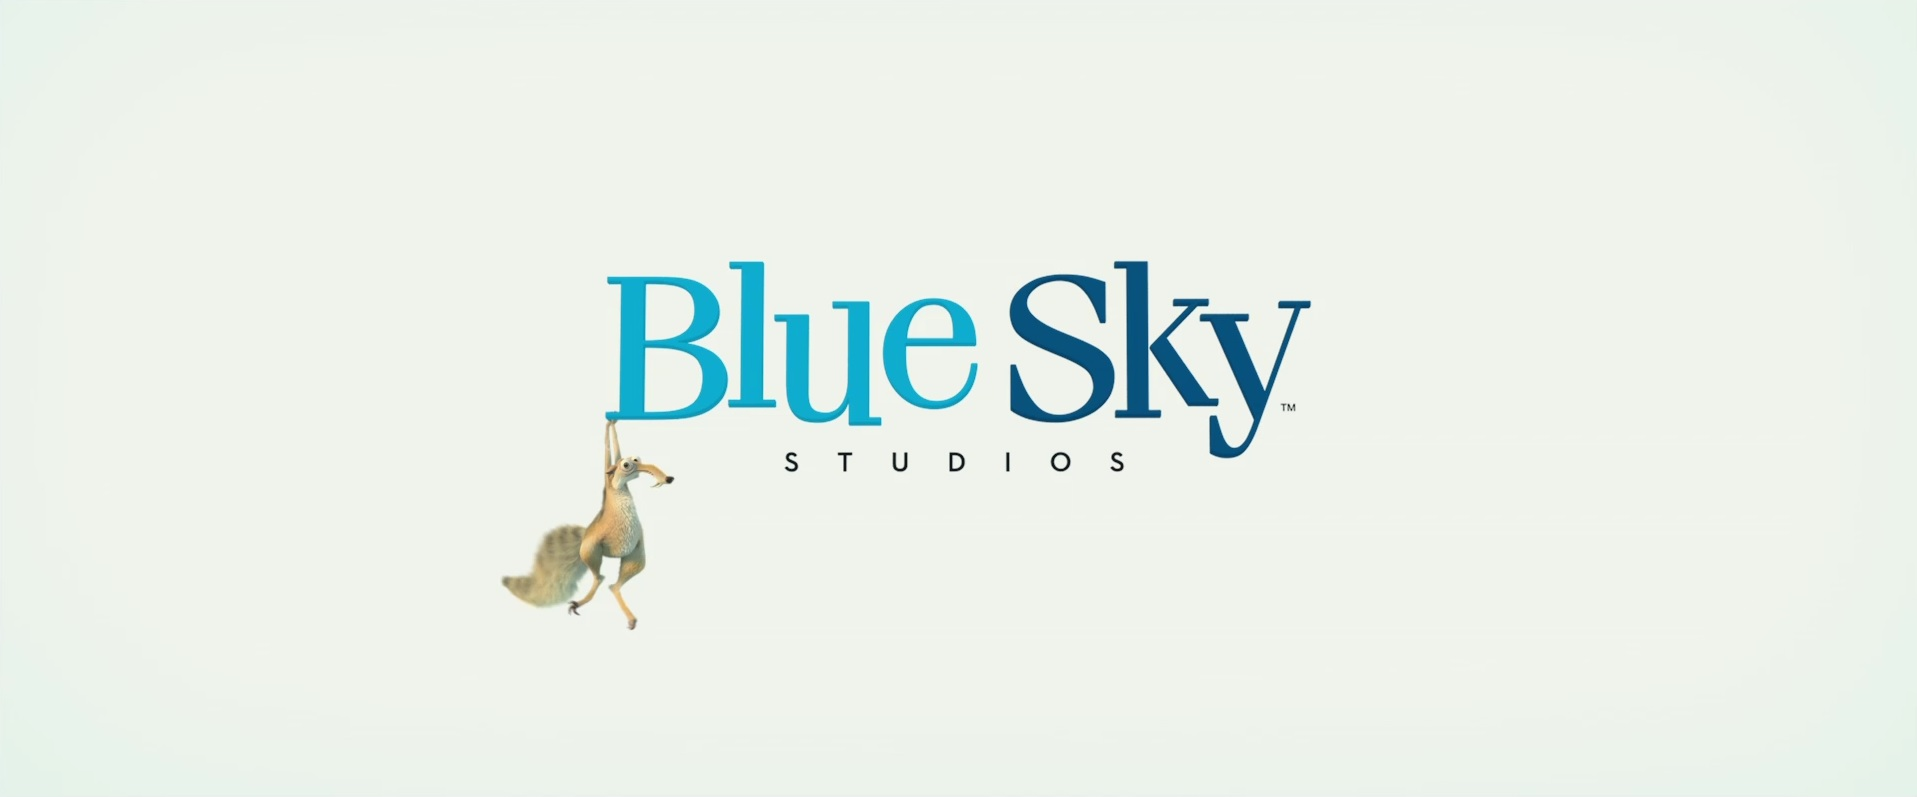 Blue sky Logos.